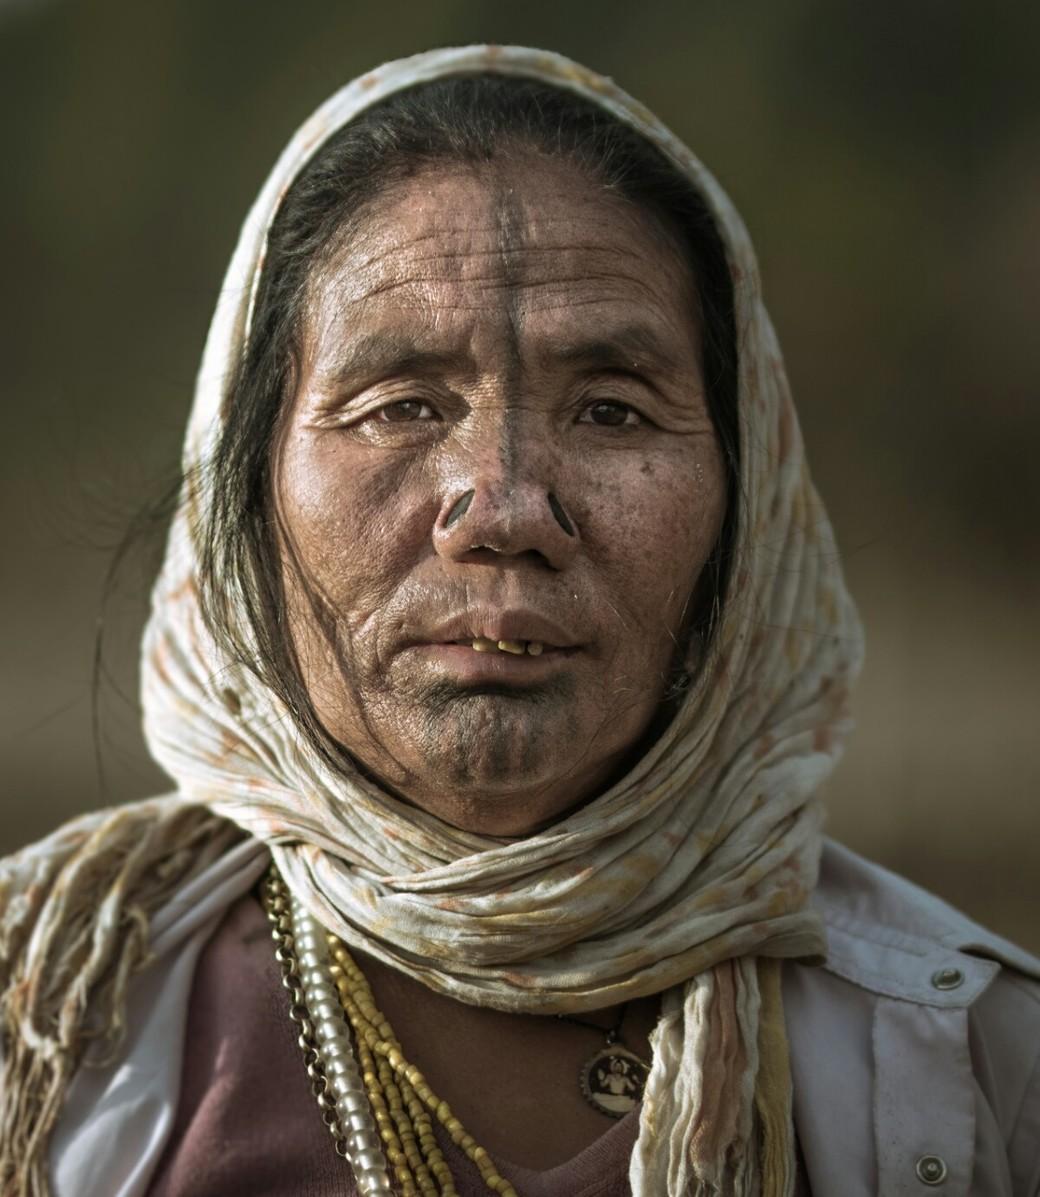 Apatani tribeswoman India headscarf